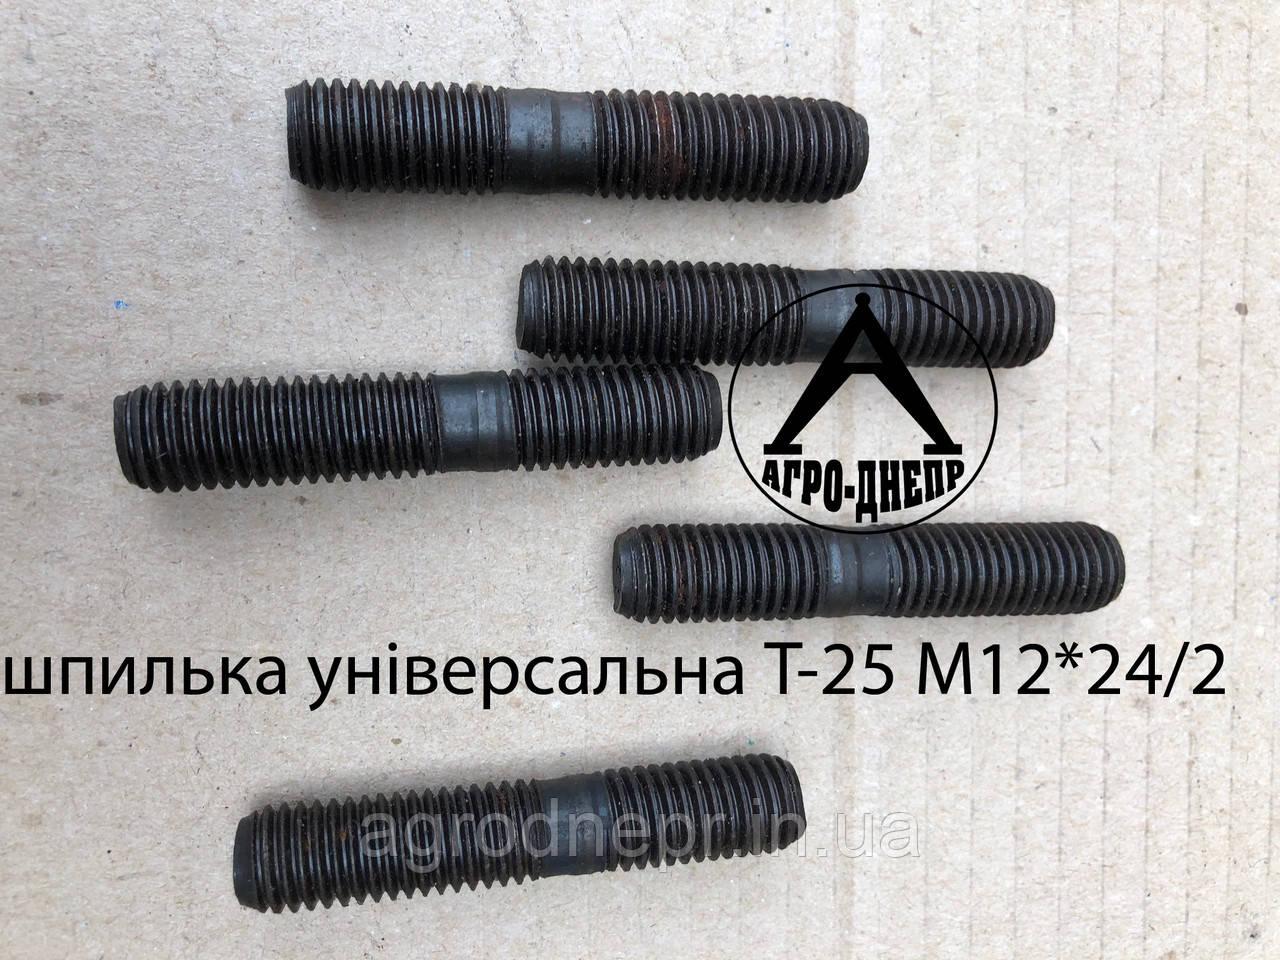 Шпилька бортовой Т-25 универсальная М12*24/2 (крупная резьба)